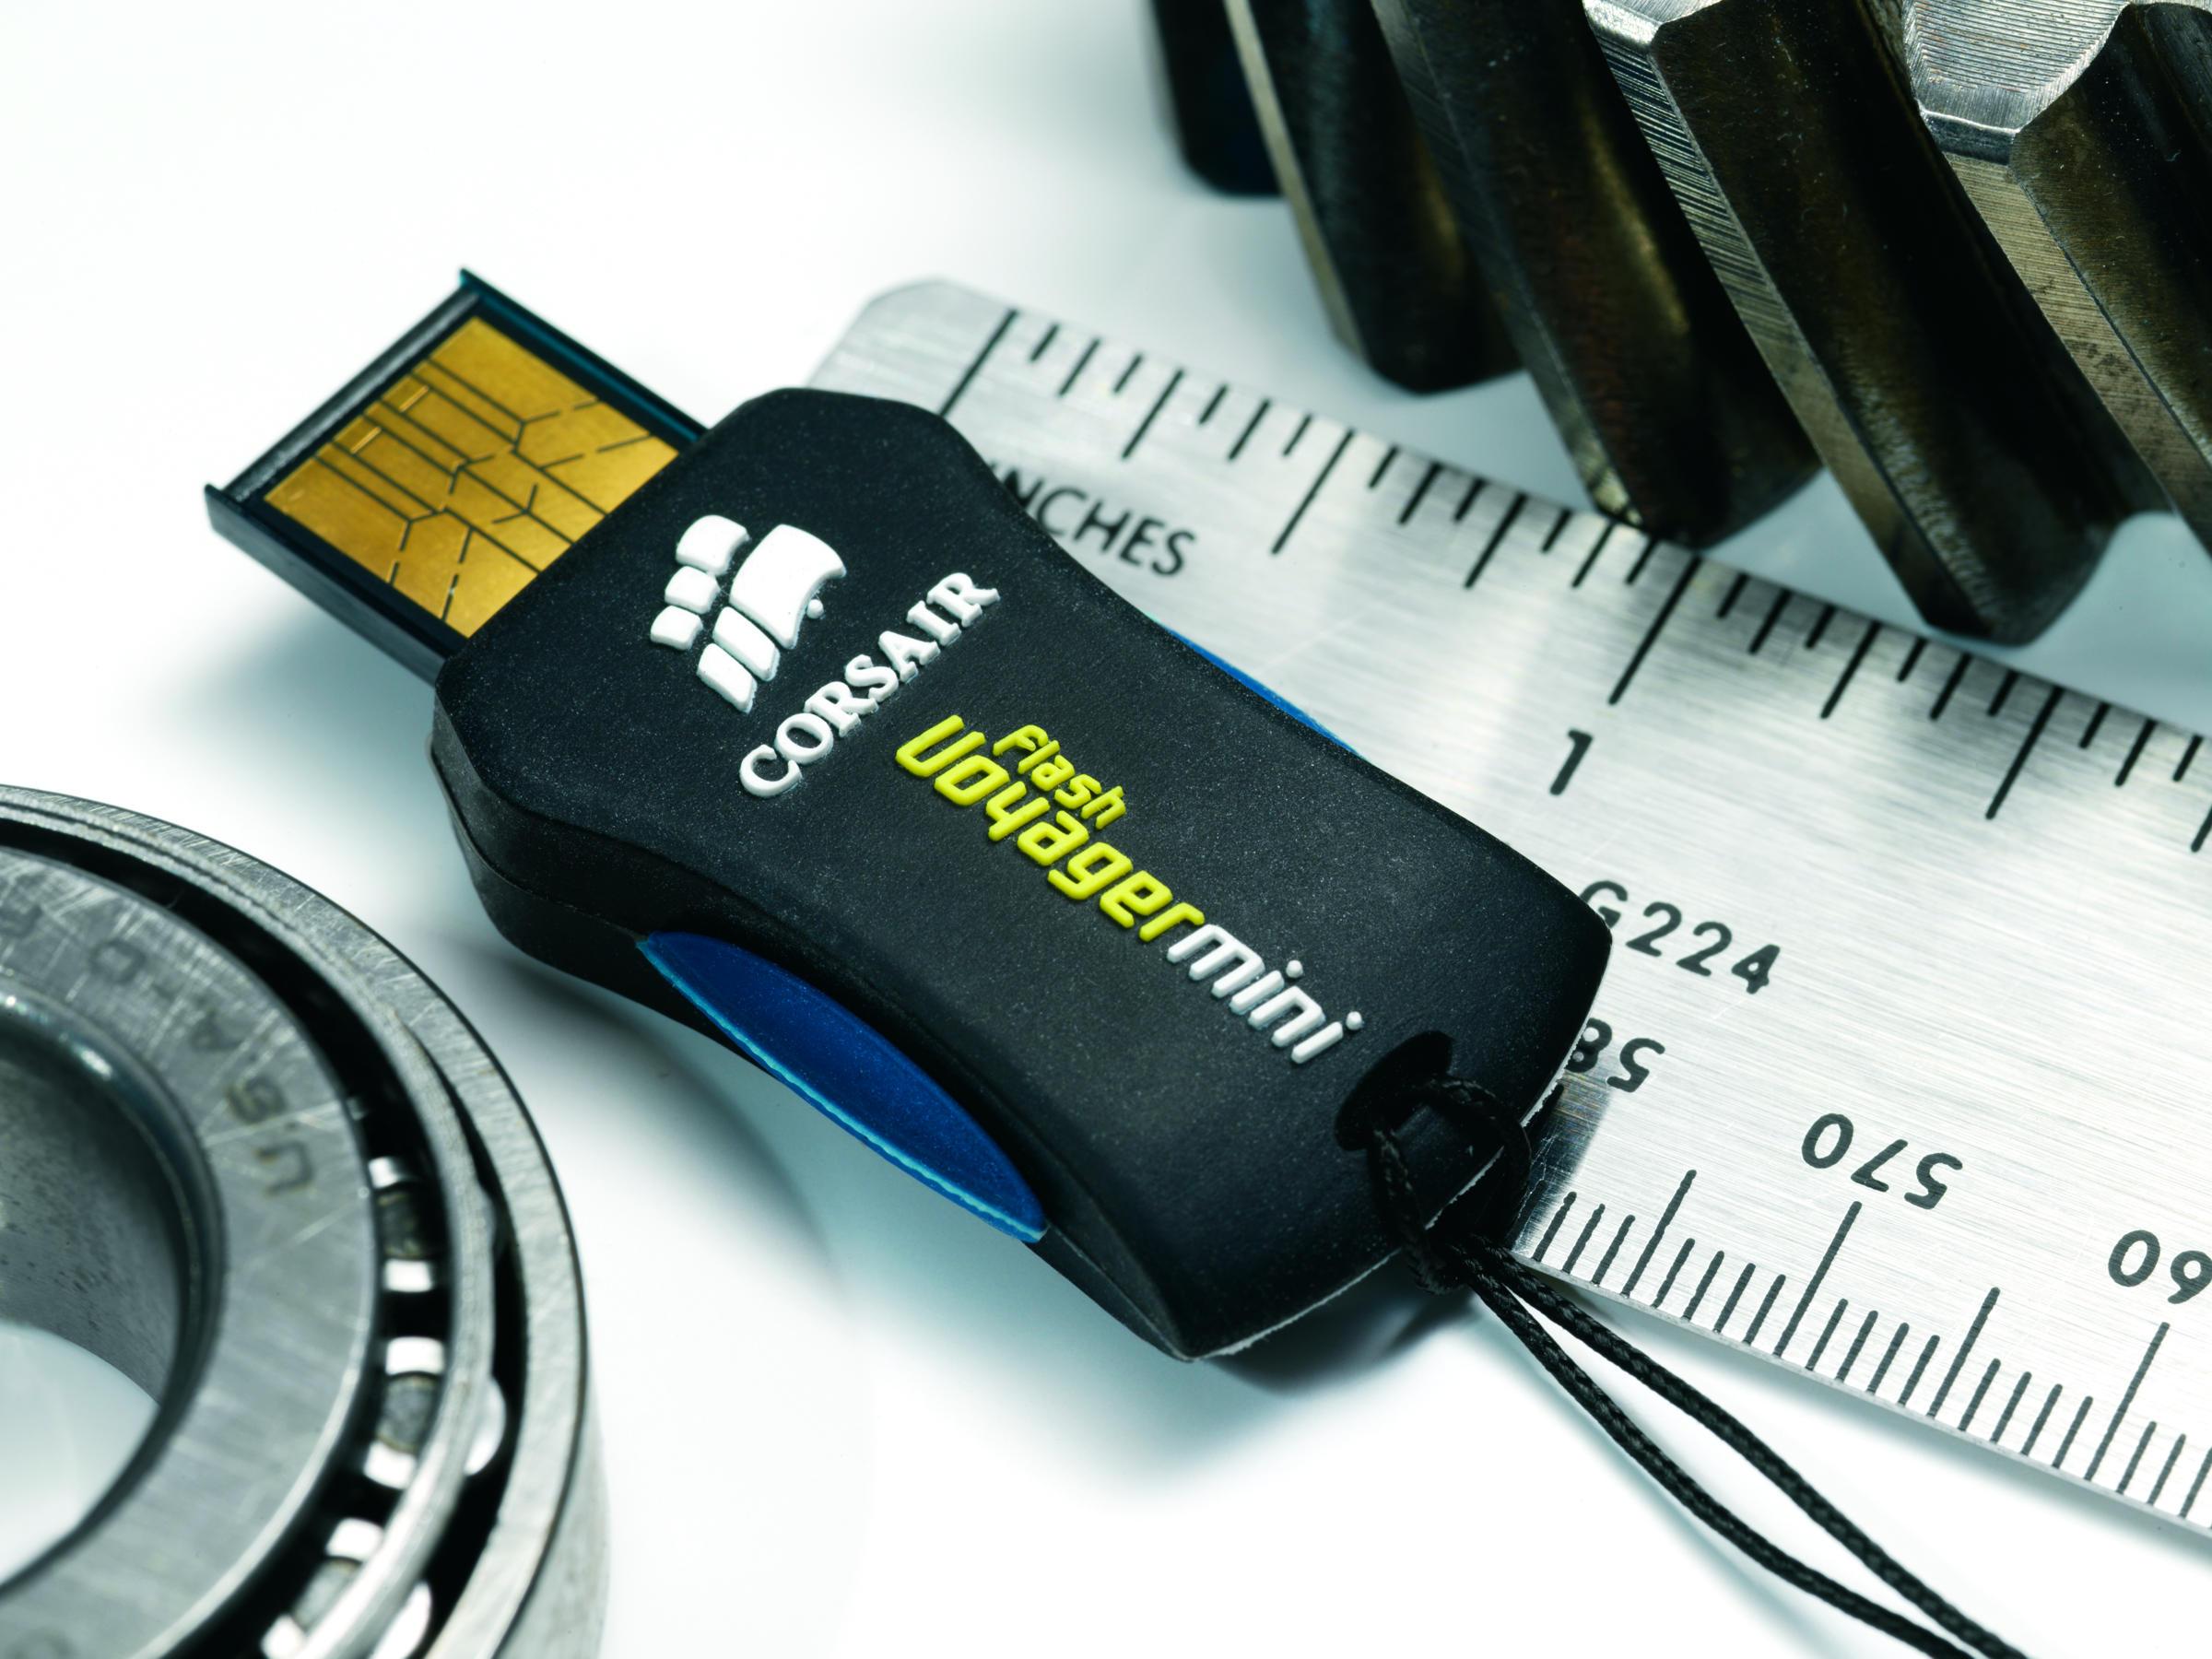 Flash Voyager Mini выпускается емкостью 4-32 ГБ. Кстати, не так много